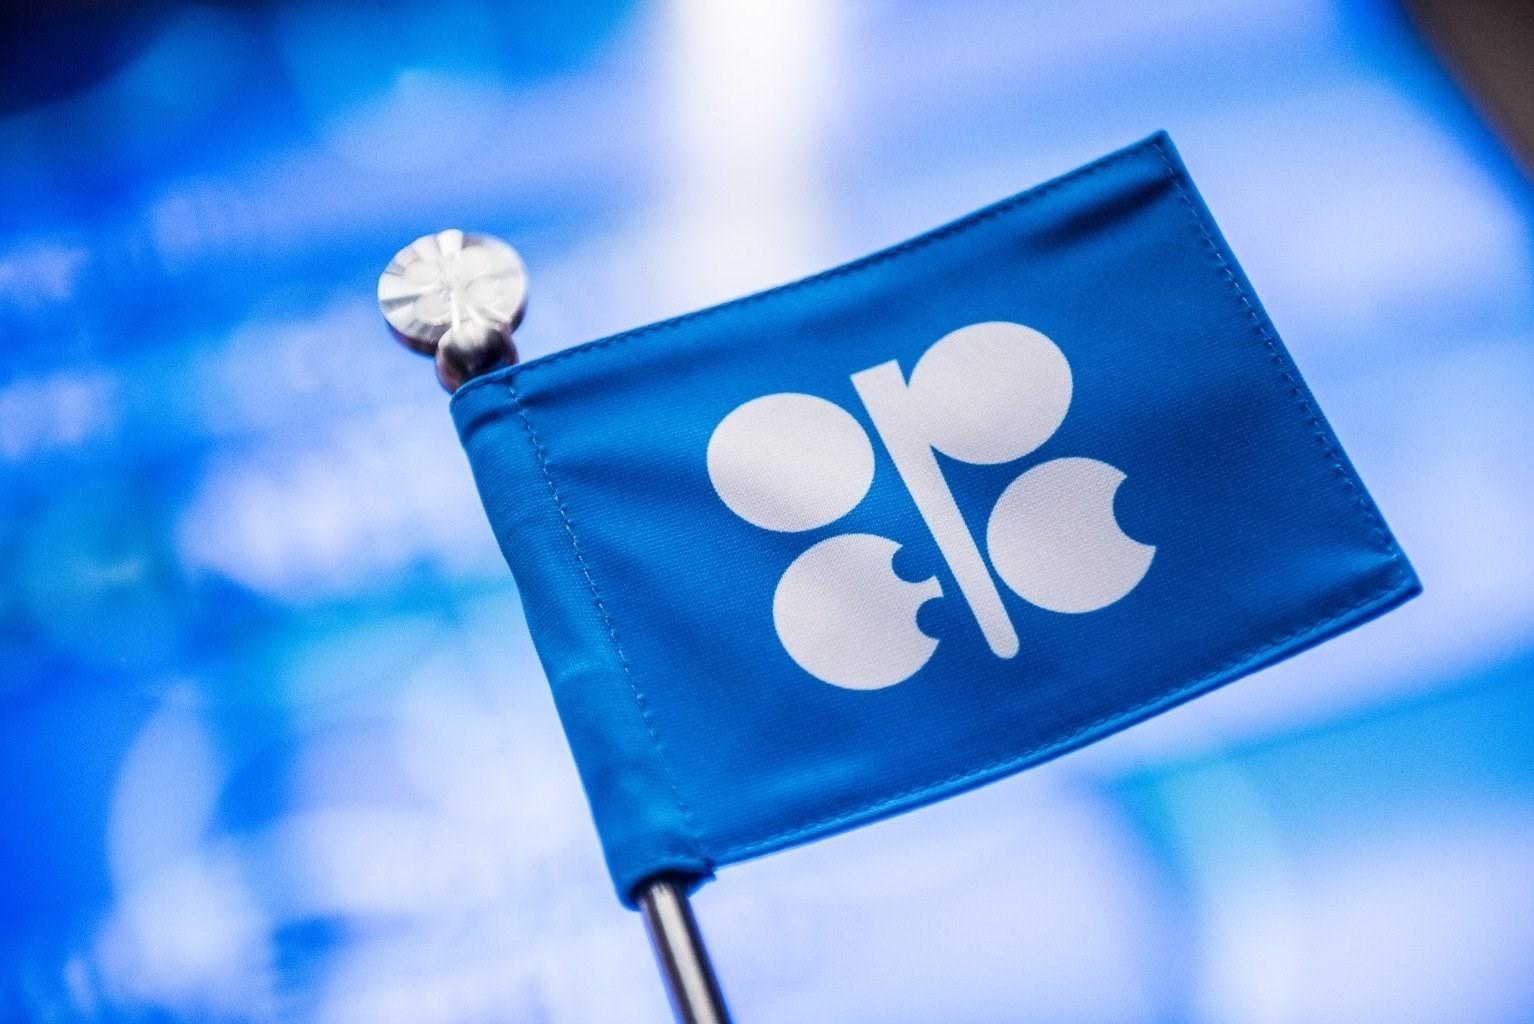 """""""أوبك+"""" تتفق على خفض إنتاج النفط بـ 9.7 مليون برميل يومياً خلال الشهرين المقبلين"""